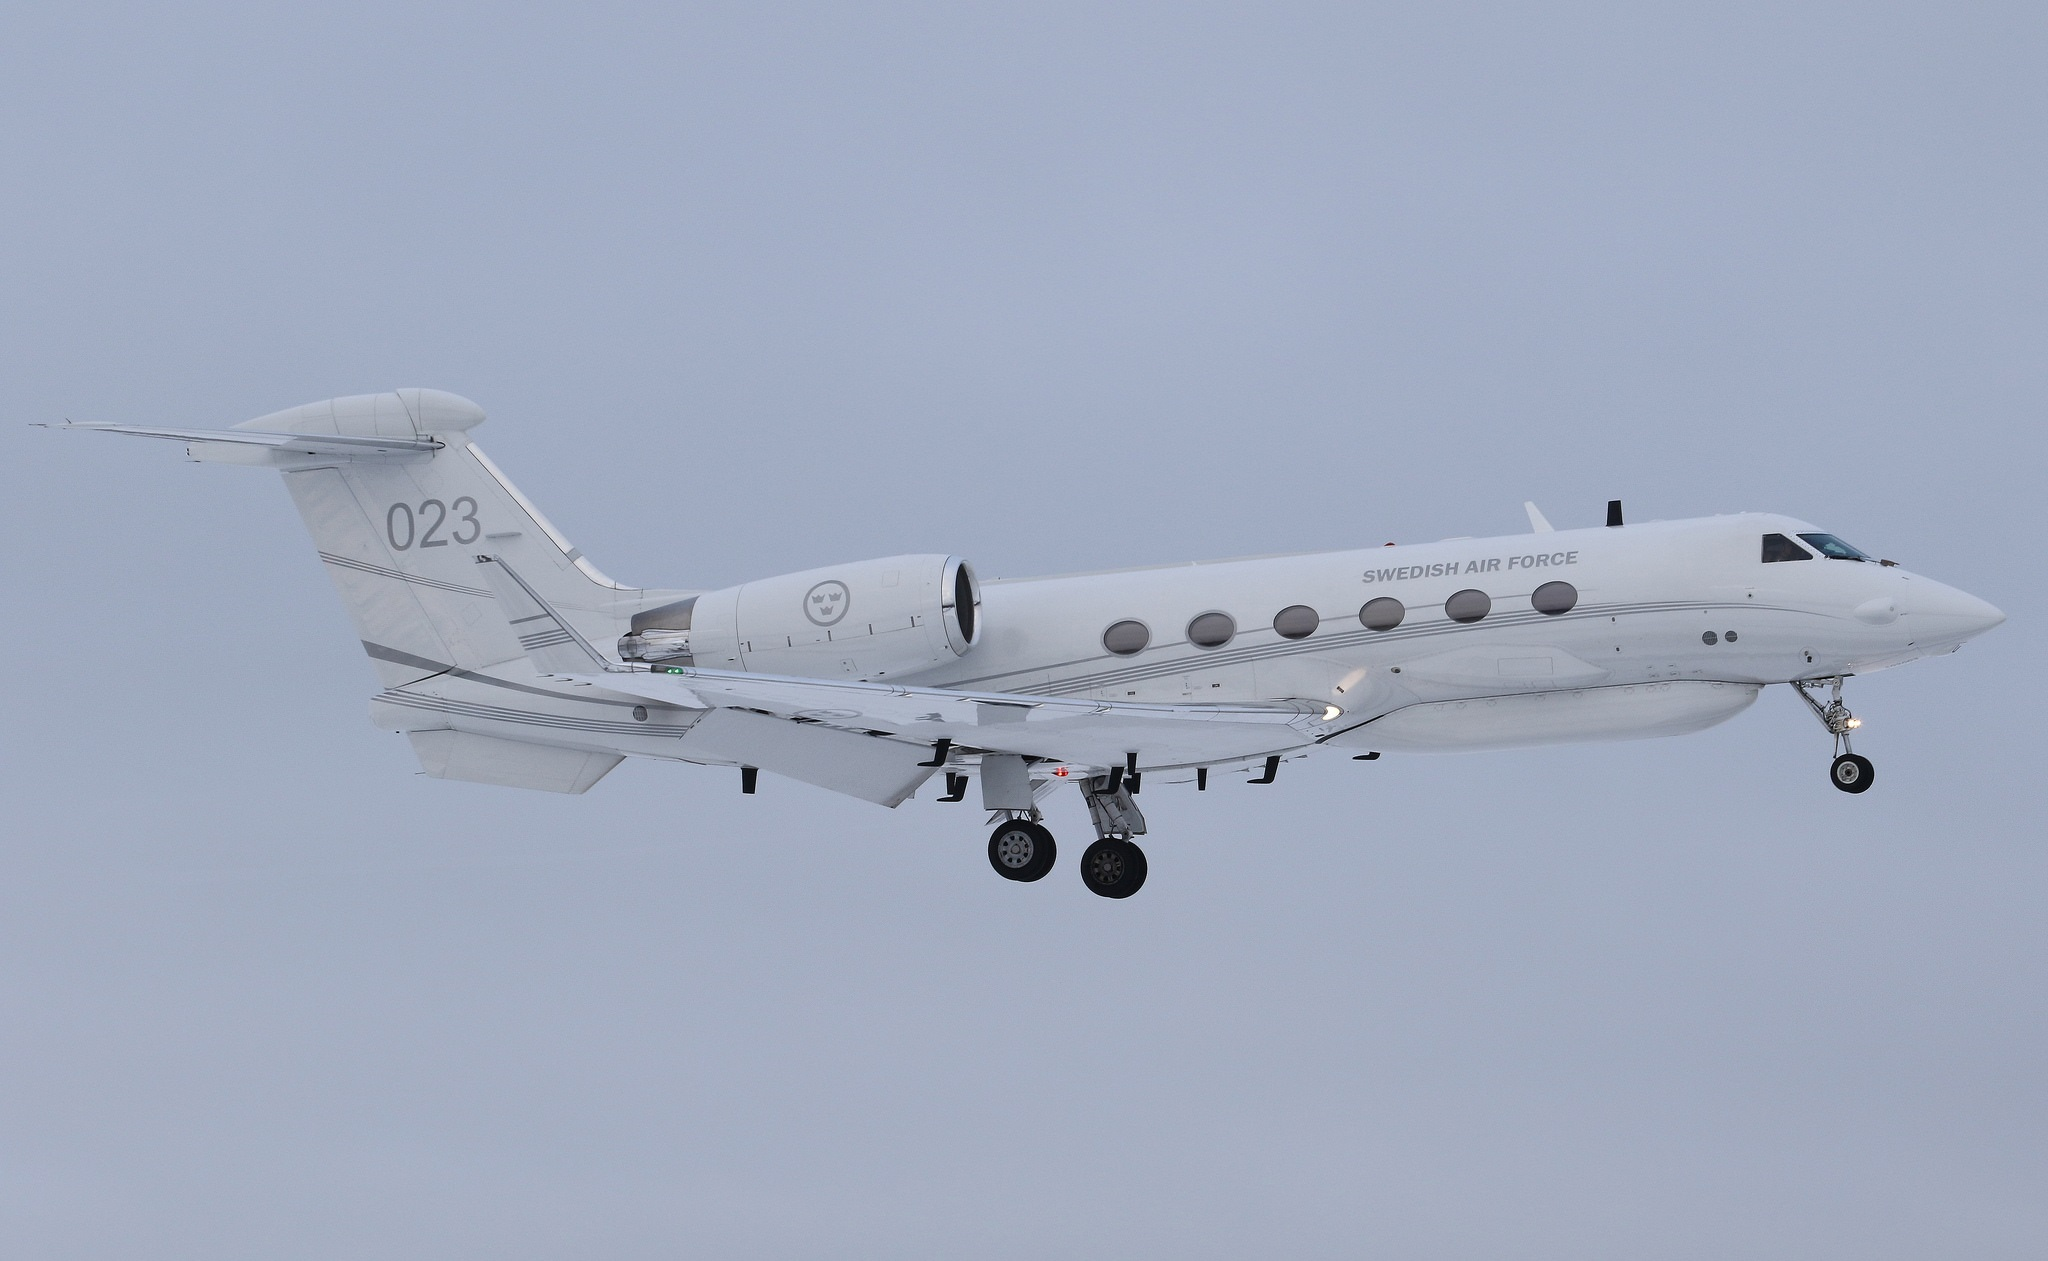 Шведский разведывательный самолет ведет разведку российских военных объектов в Сирии